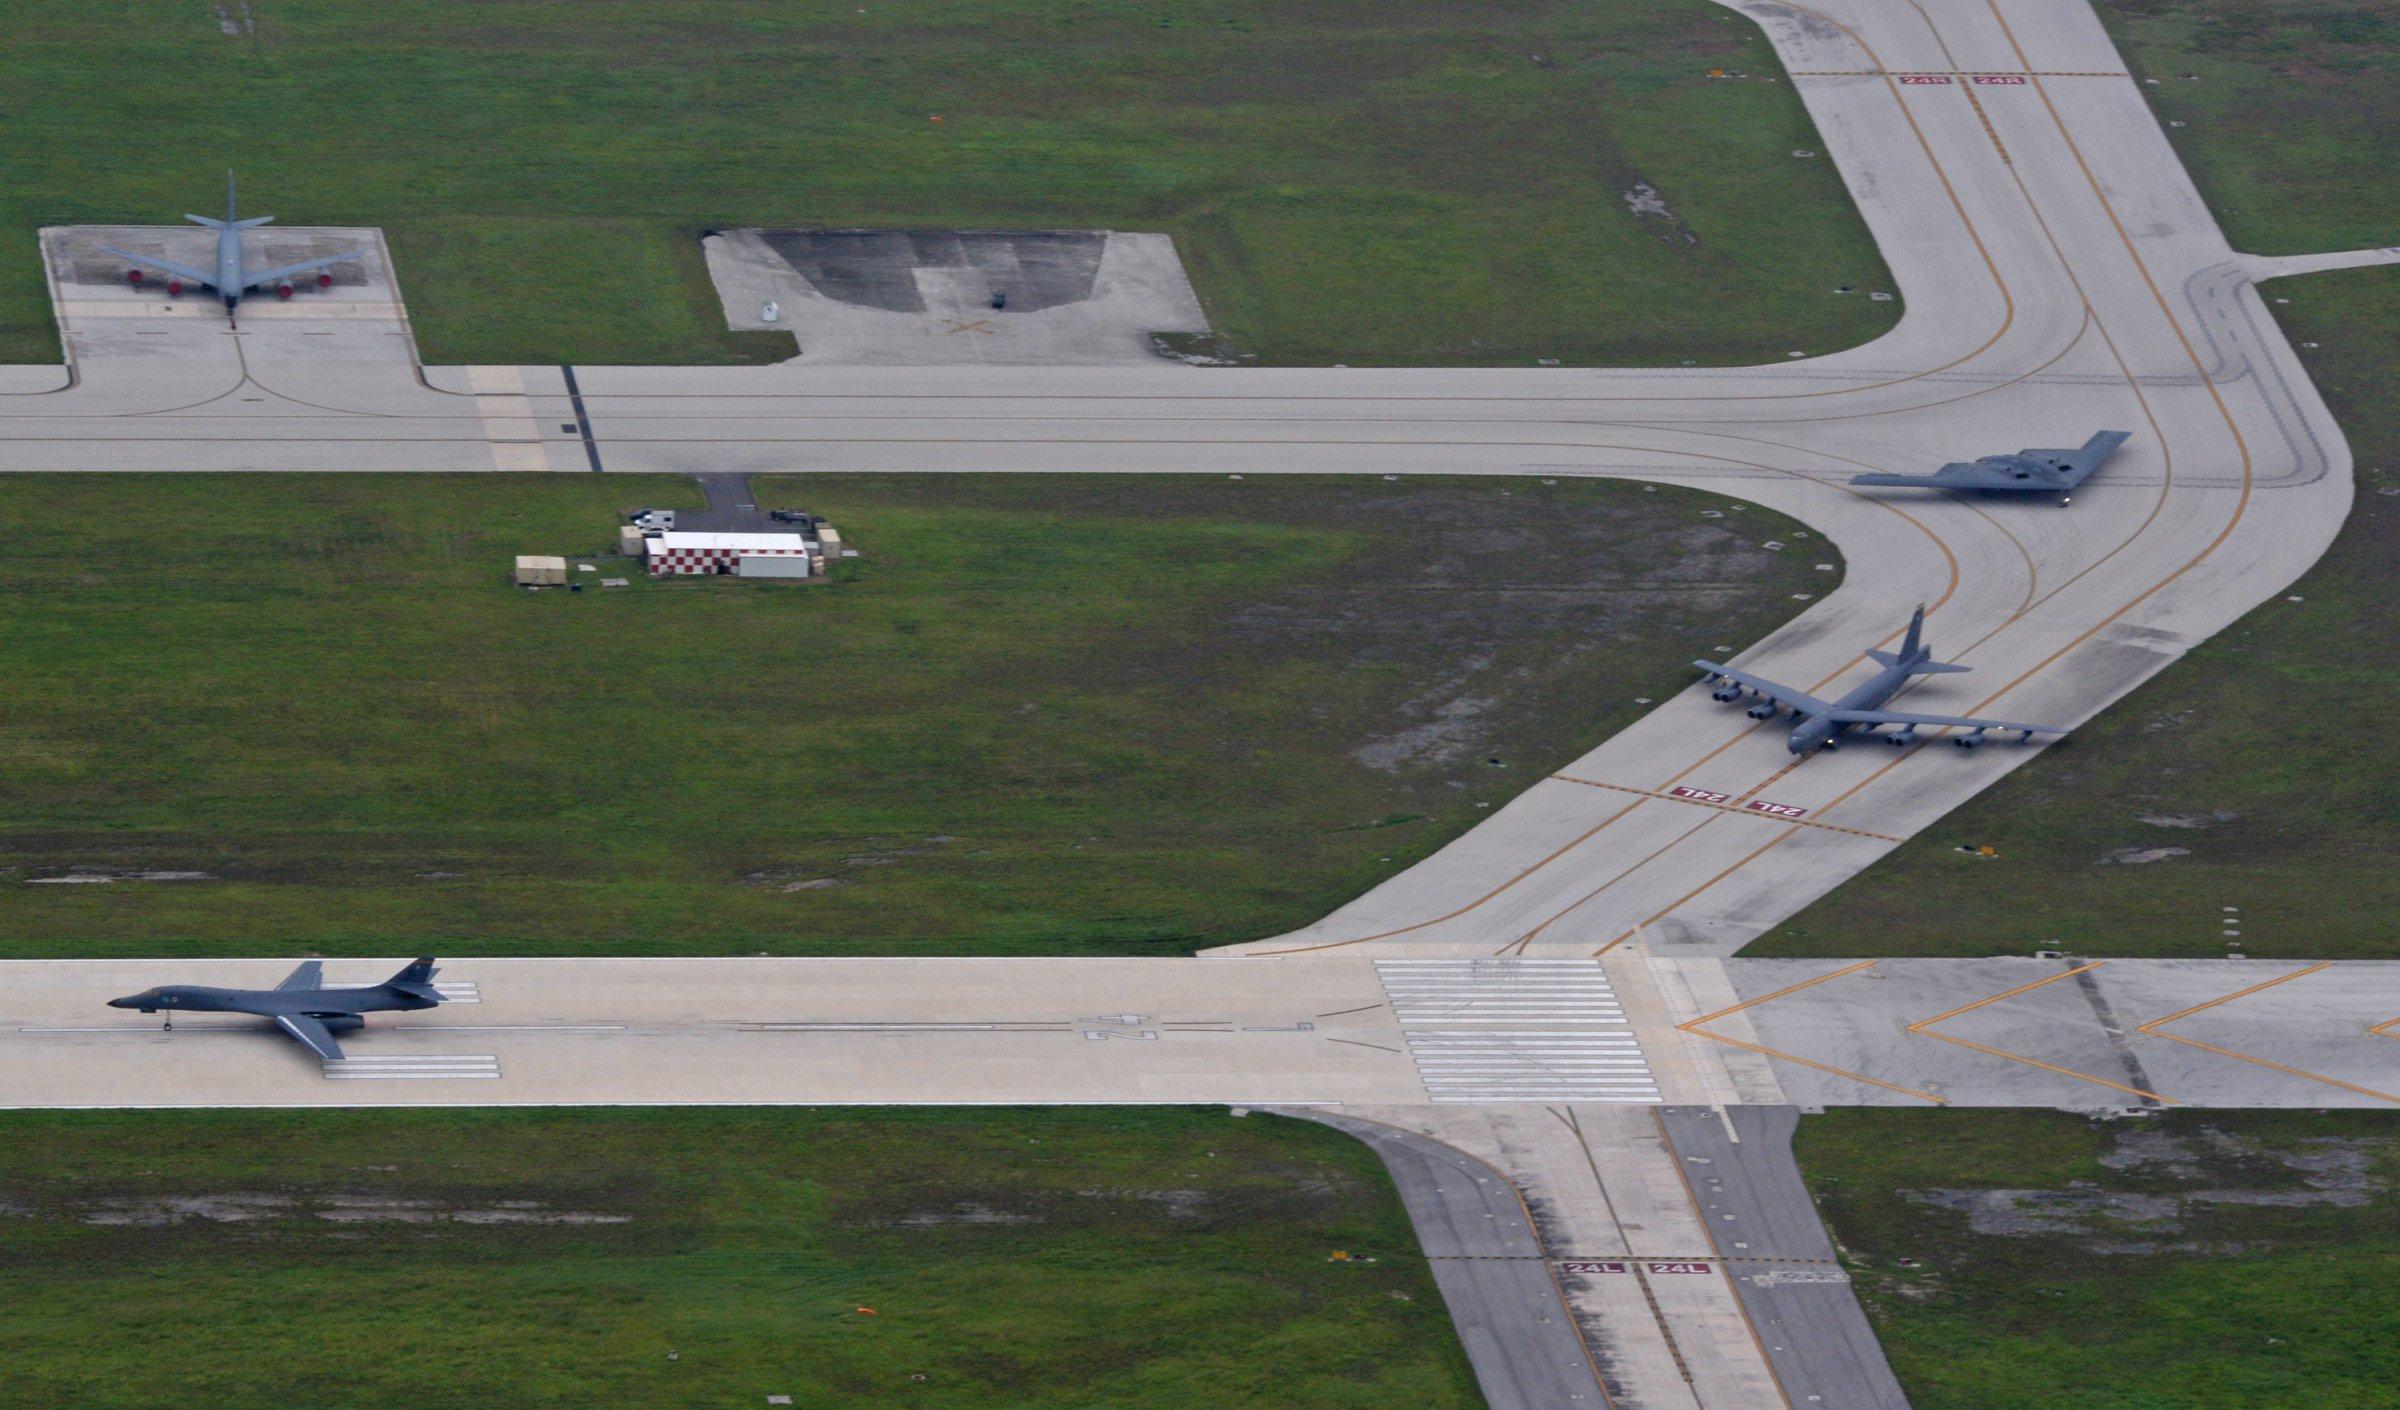 Ba chiếc máy bay ném bom tên đầy đủ là B-52 Stratofortress, B-1 Lancer và B-2 Spirit. Ảnh: Không quân Mỹ